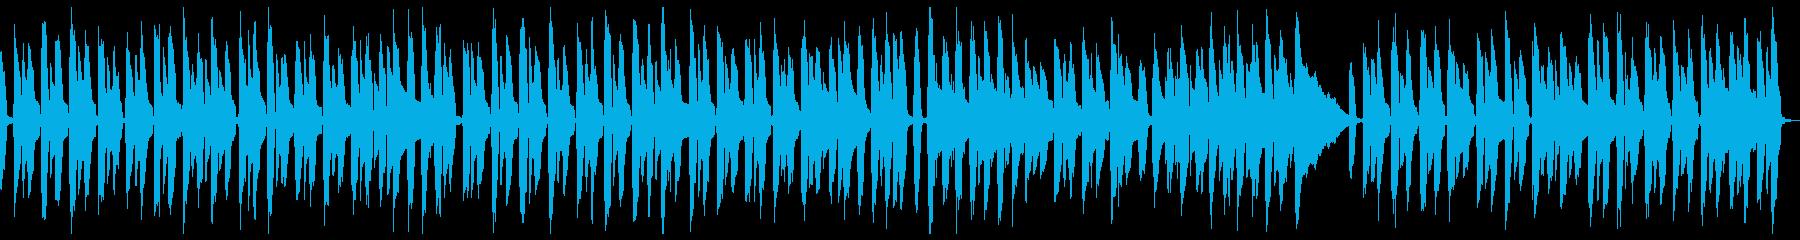 わんぱく、いたずらだけど憎めないアコギ曲の再生済みの波形